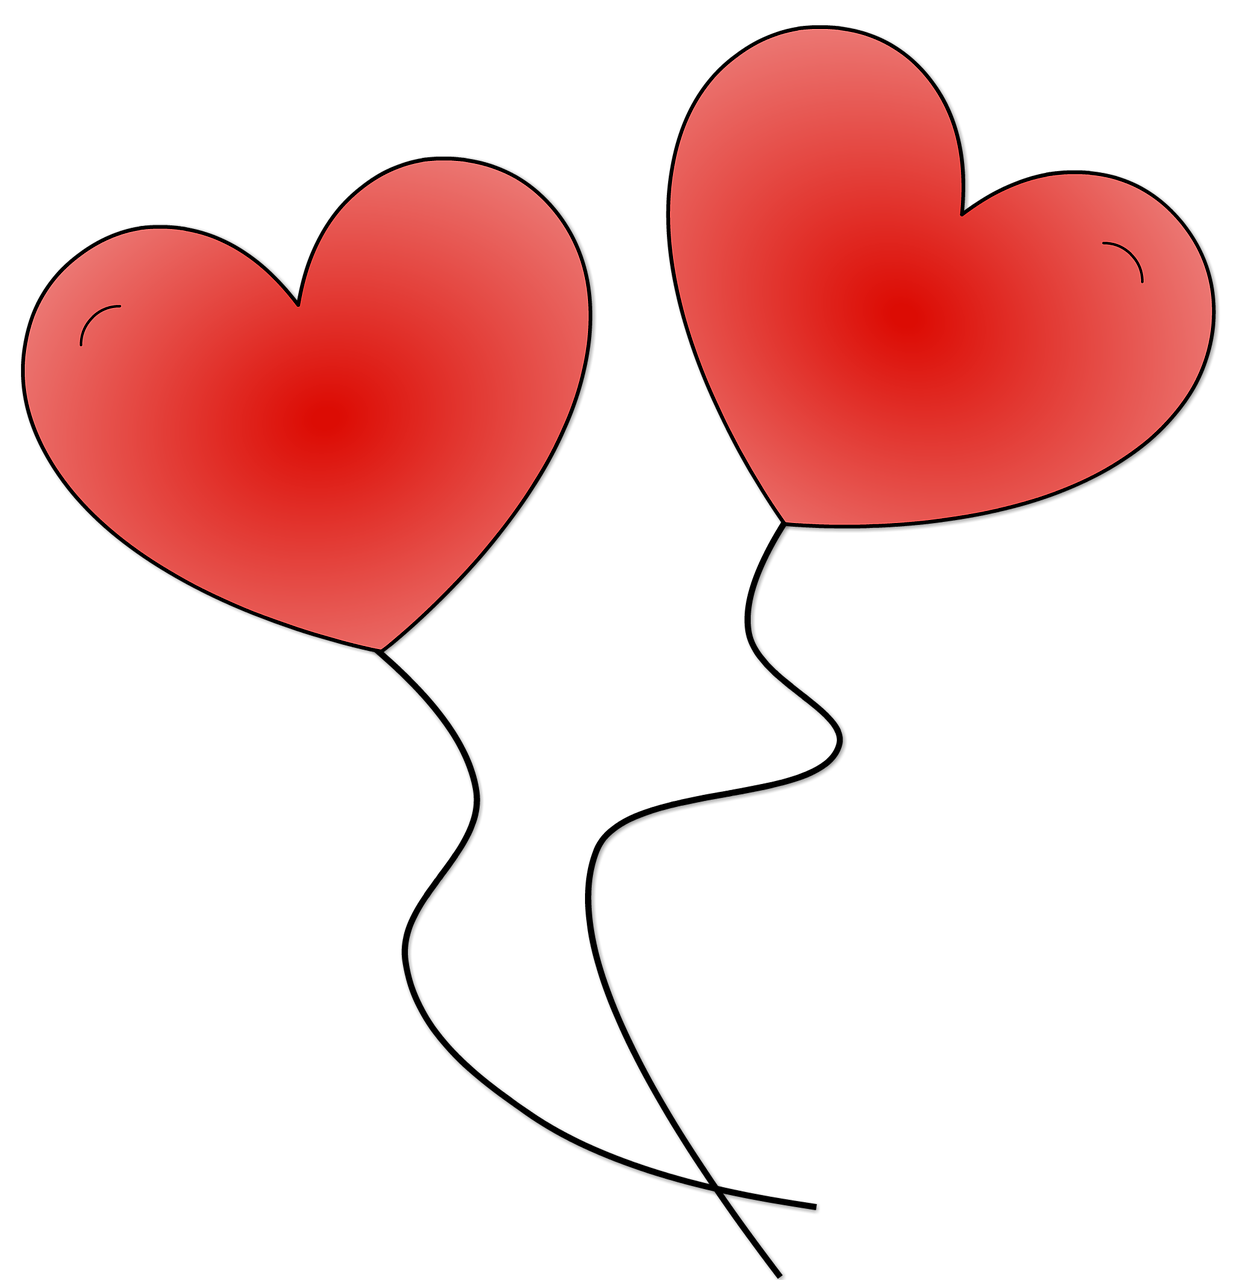 последний рисунок с сердечком альтаир